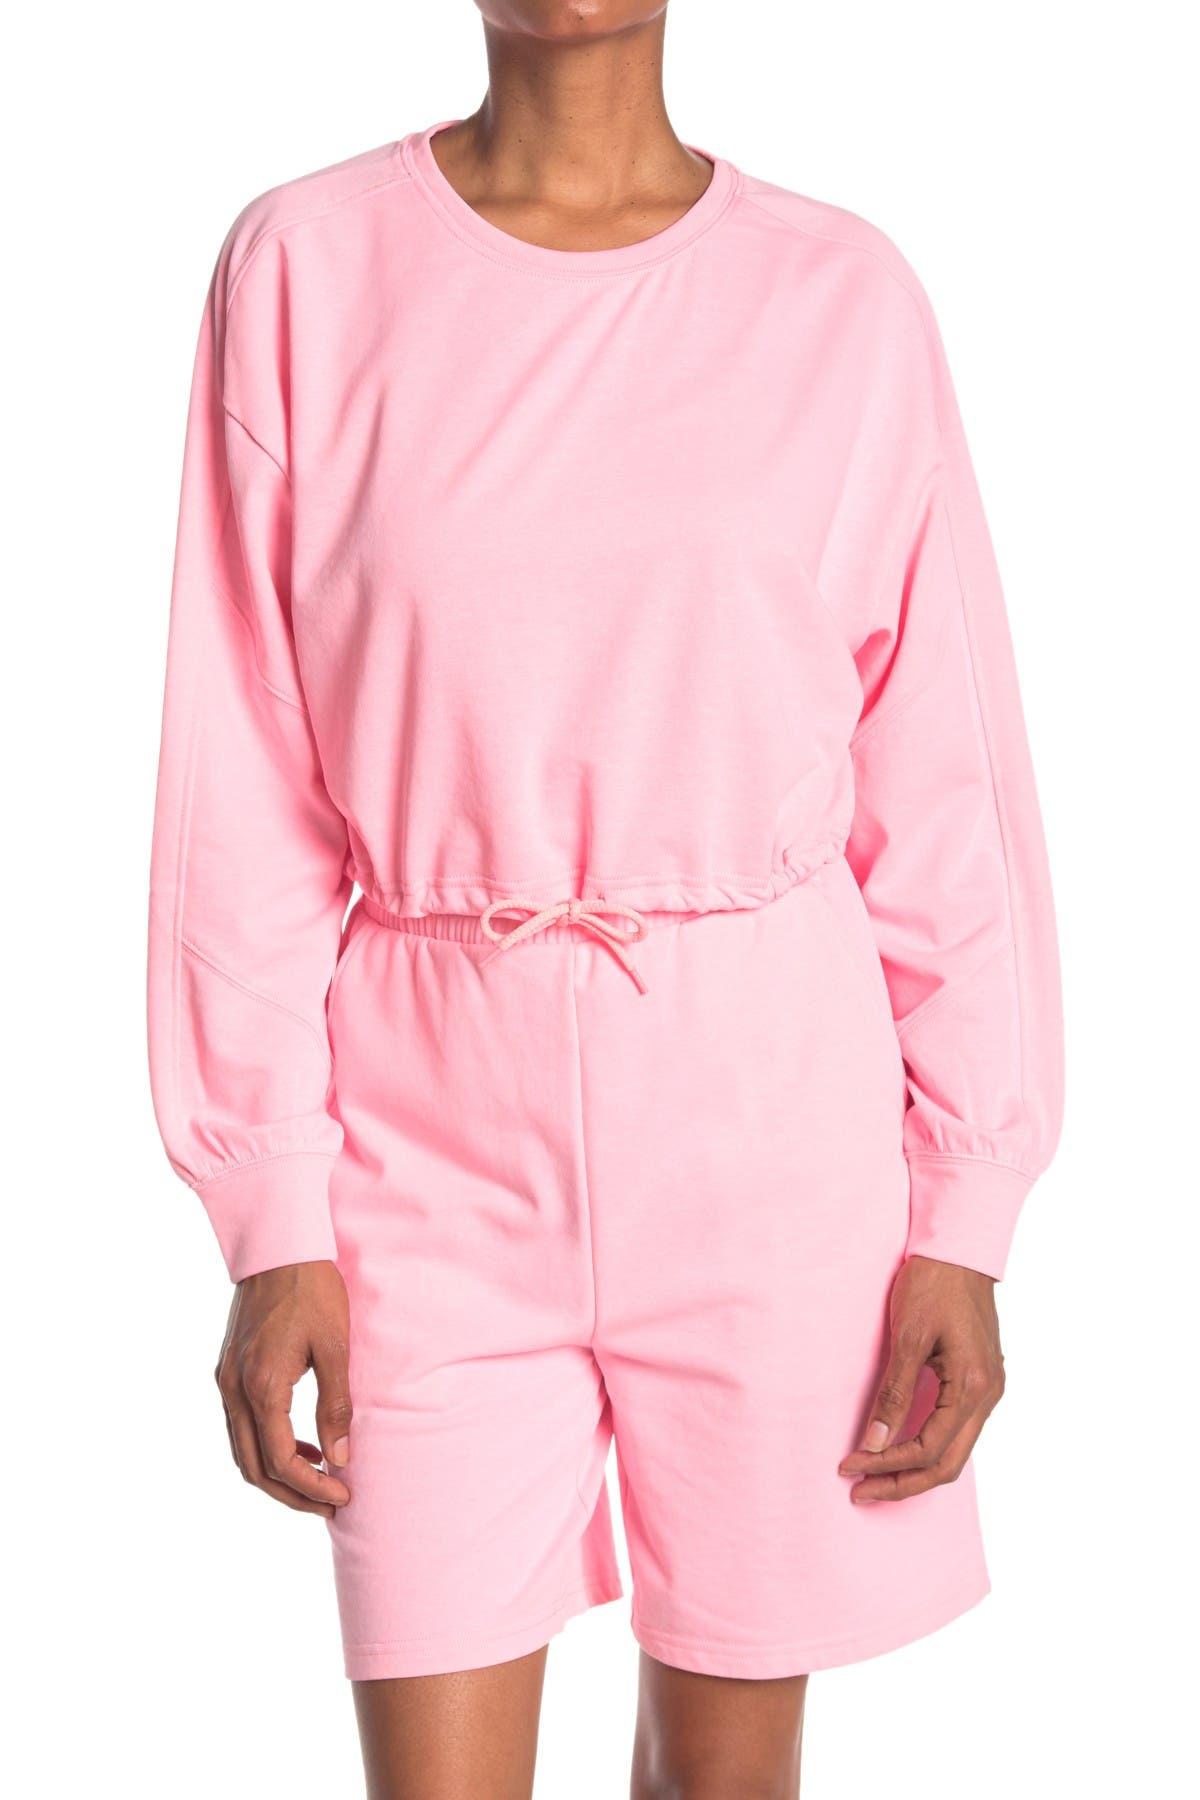 Image of Elodie Drawstring Sweatshirt